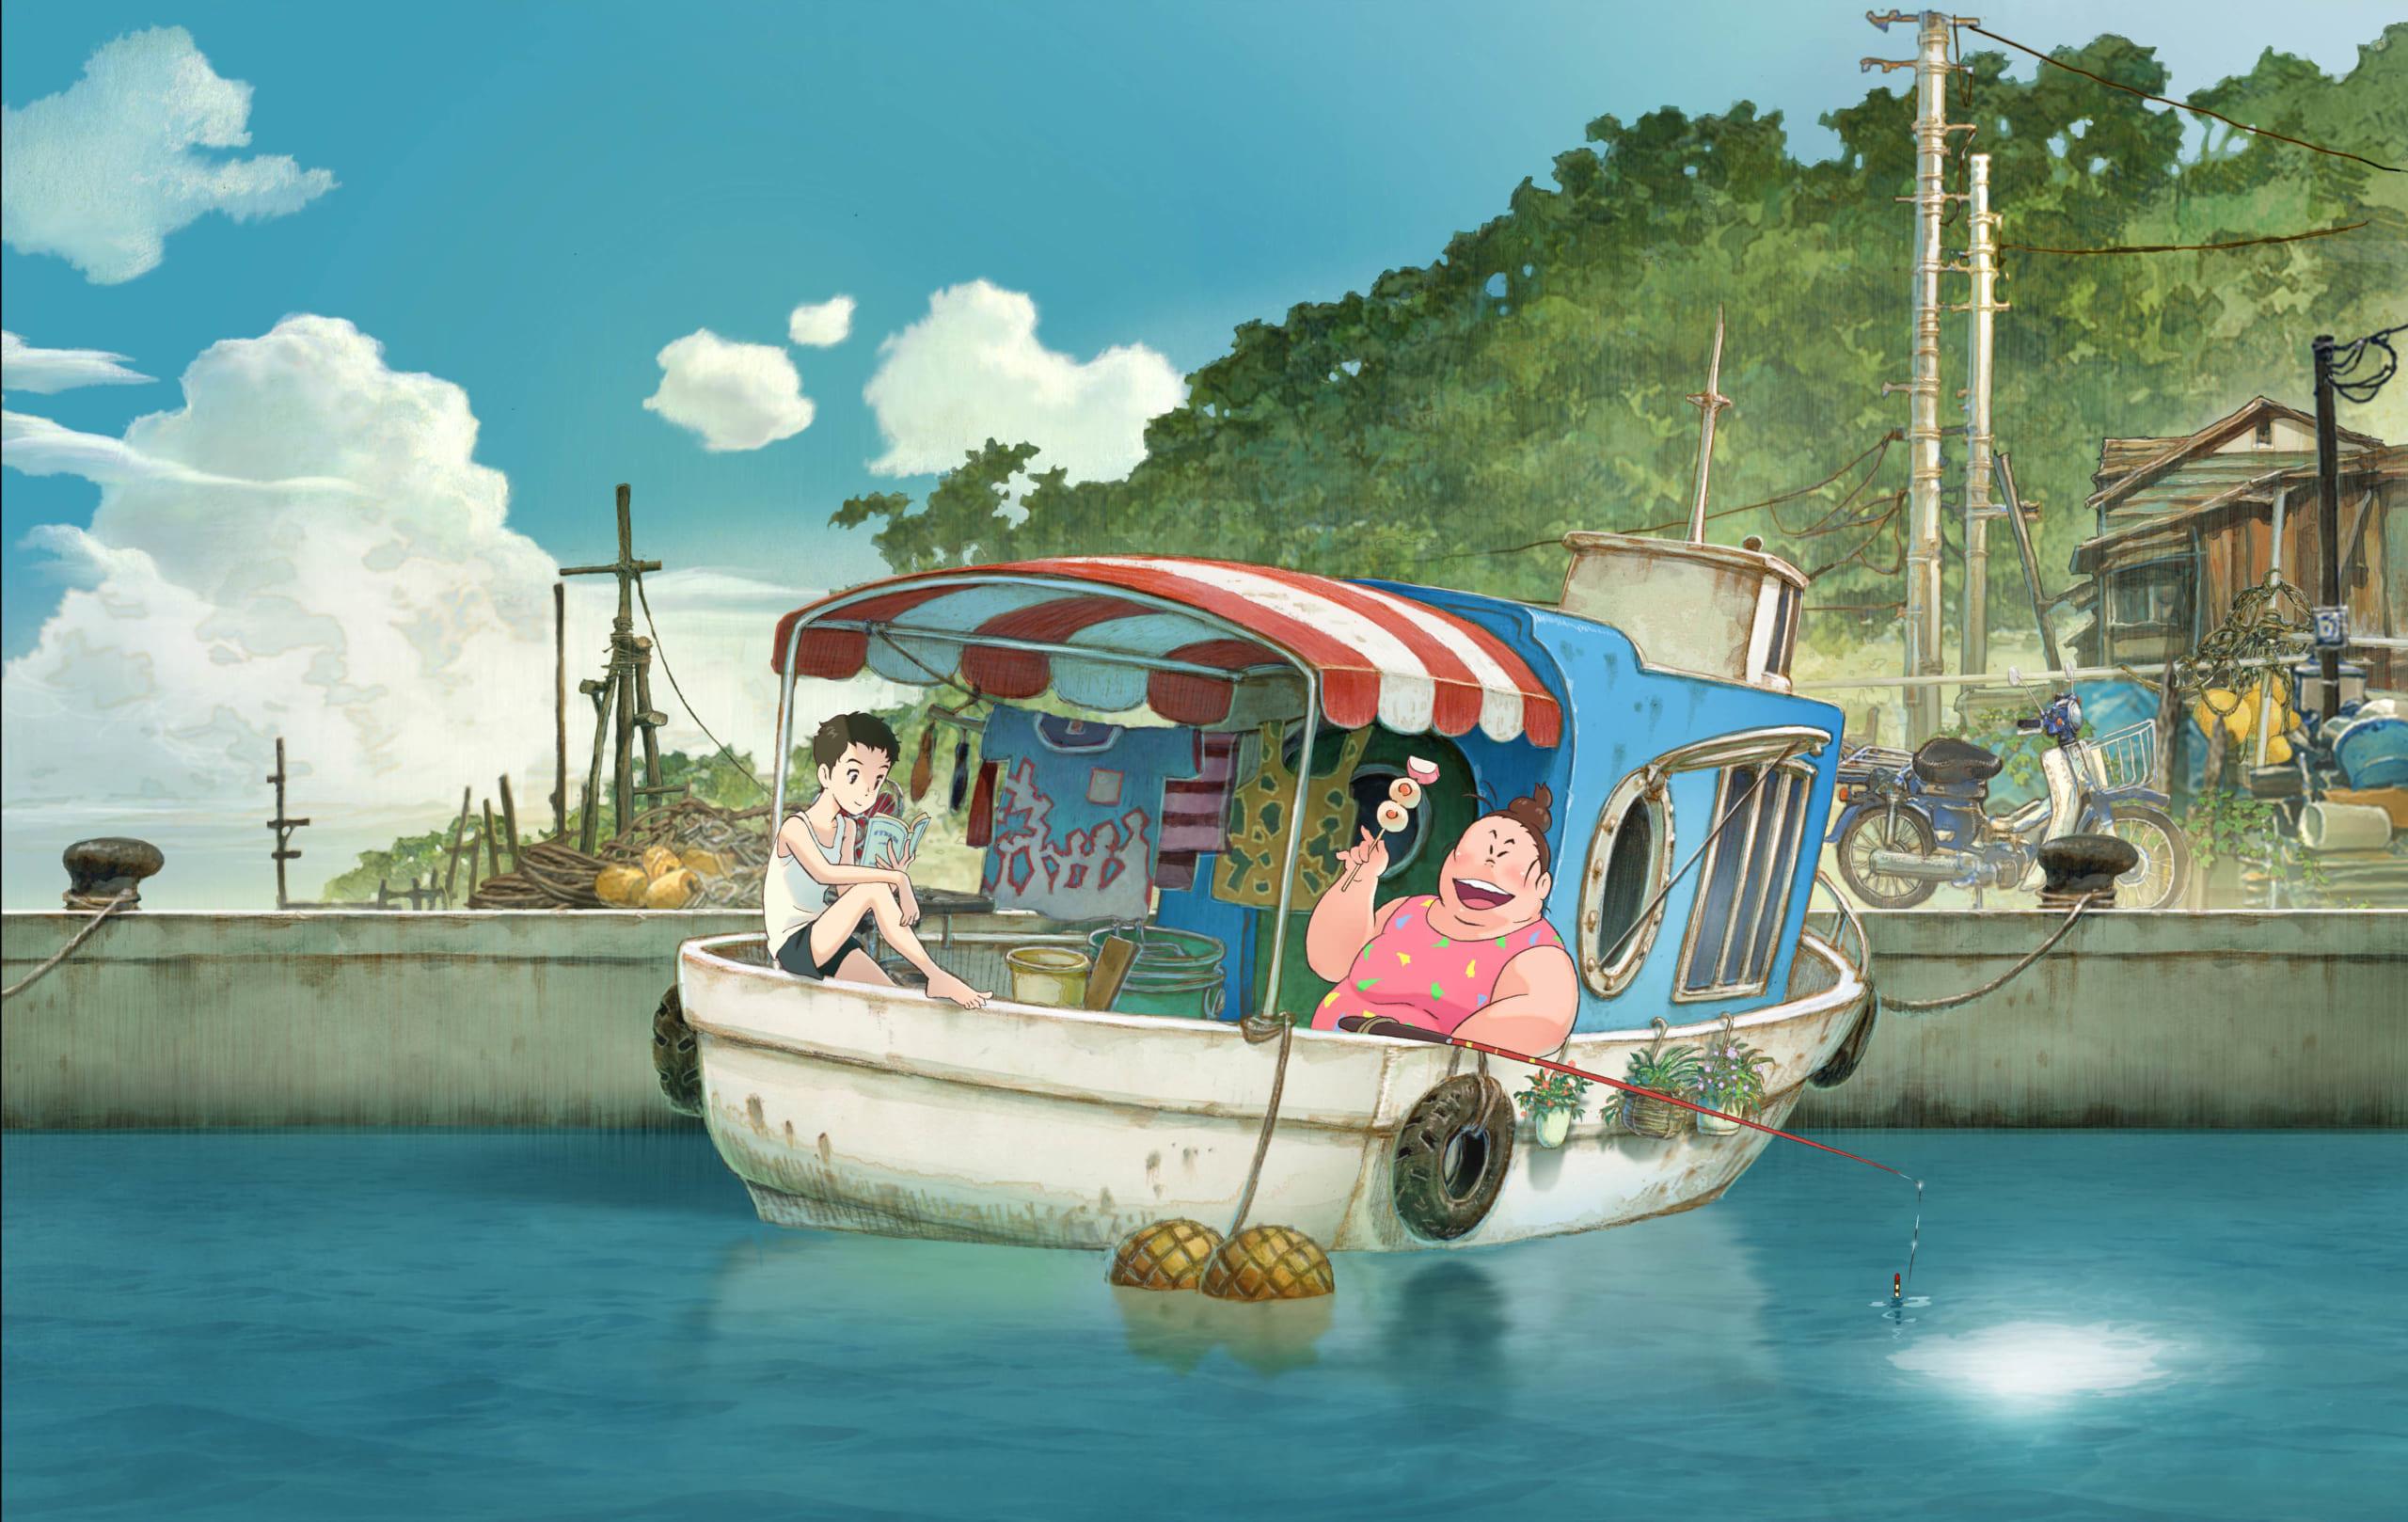 明石家さんまさんプロデュースのアニメ映画「漁港の肉子ちゃん」2021年初夏公開決定!花江夏樹さんの出演も明らかに